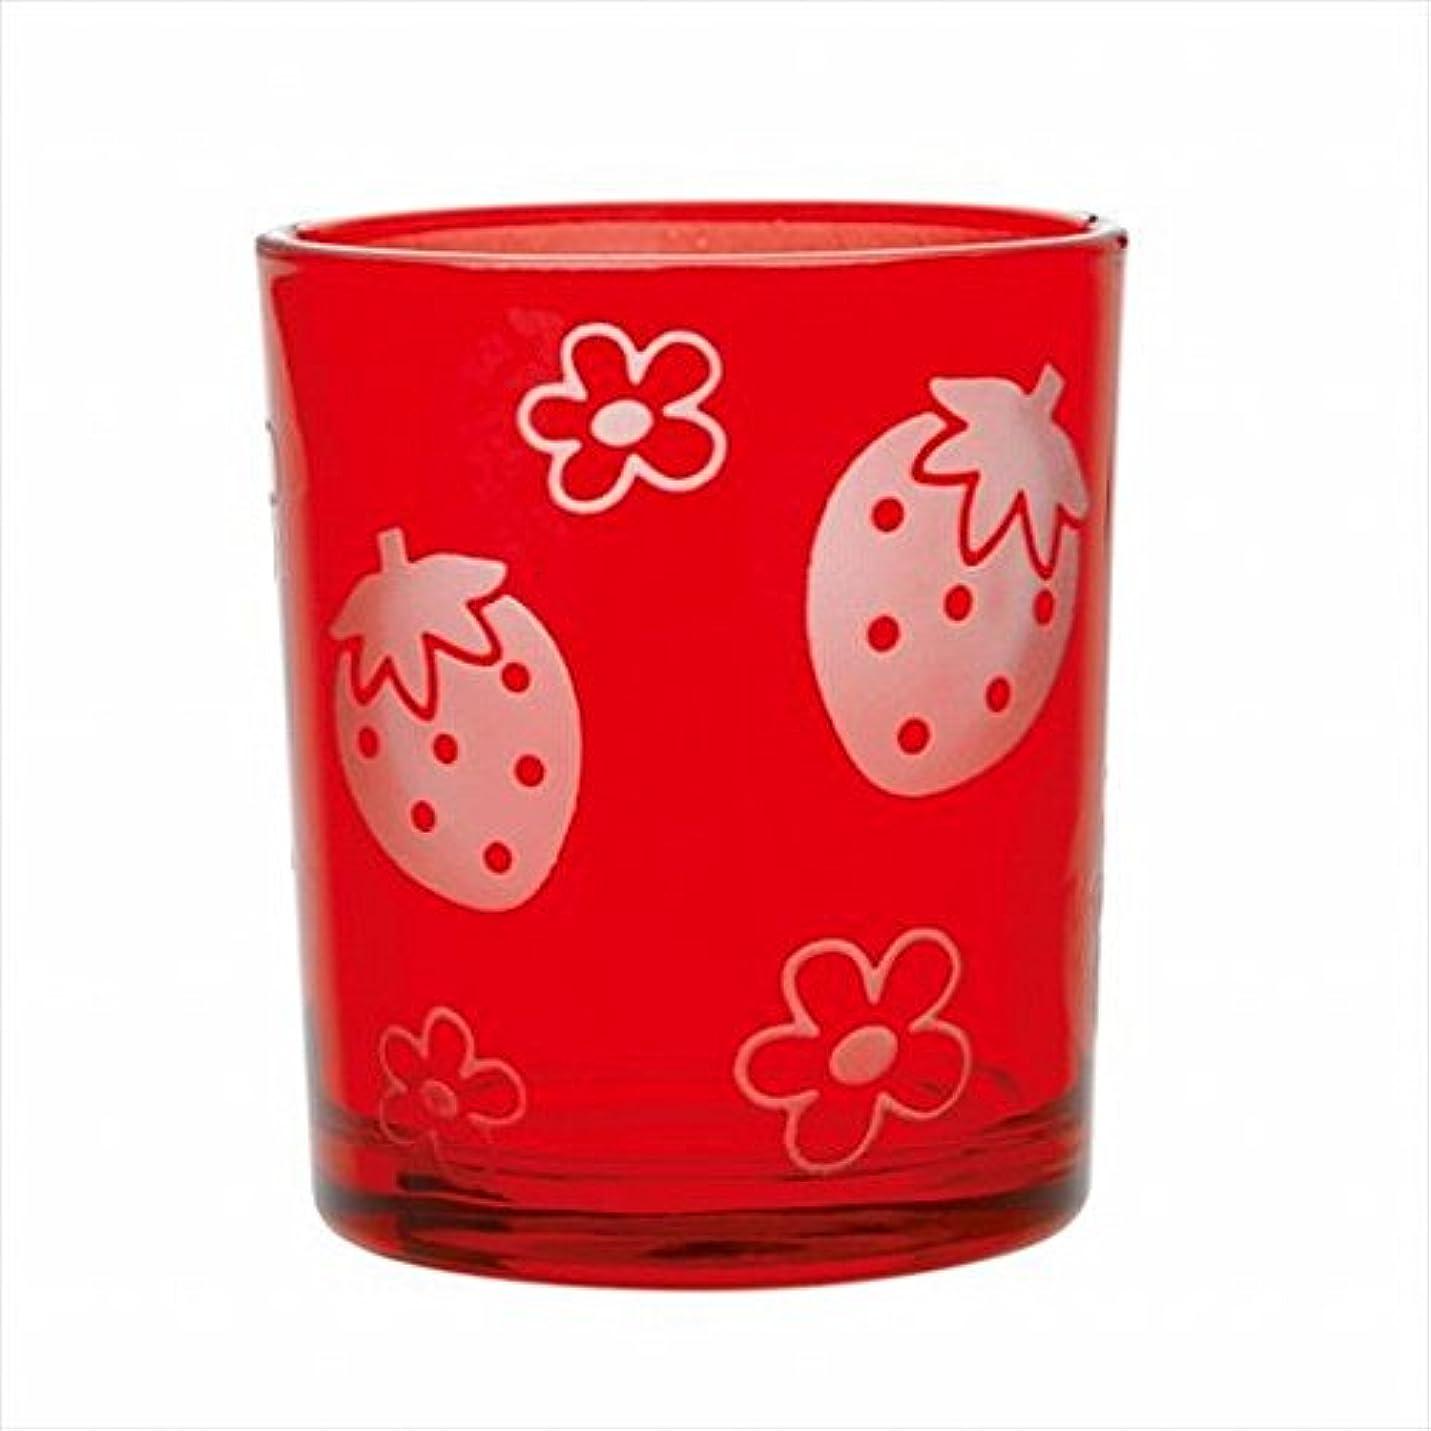 ファセット応援するずるいスイーツキャンドル(sweets candle) いちごフロストカップ 「 レッド 」